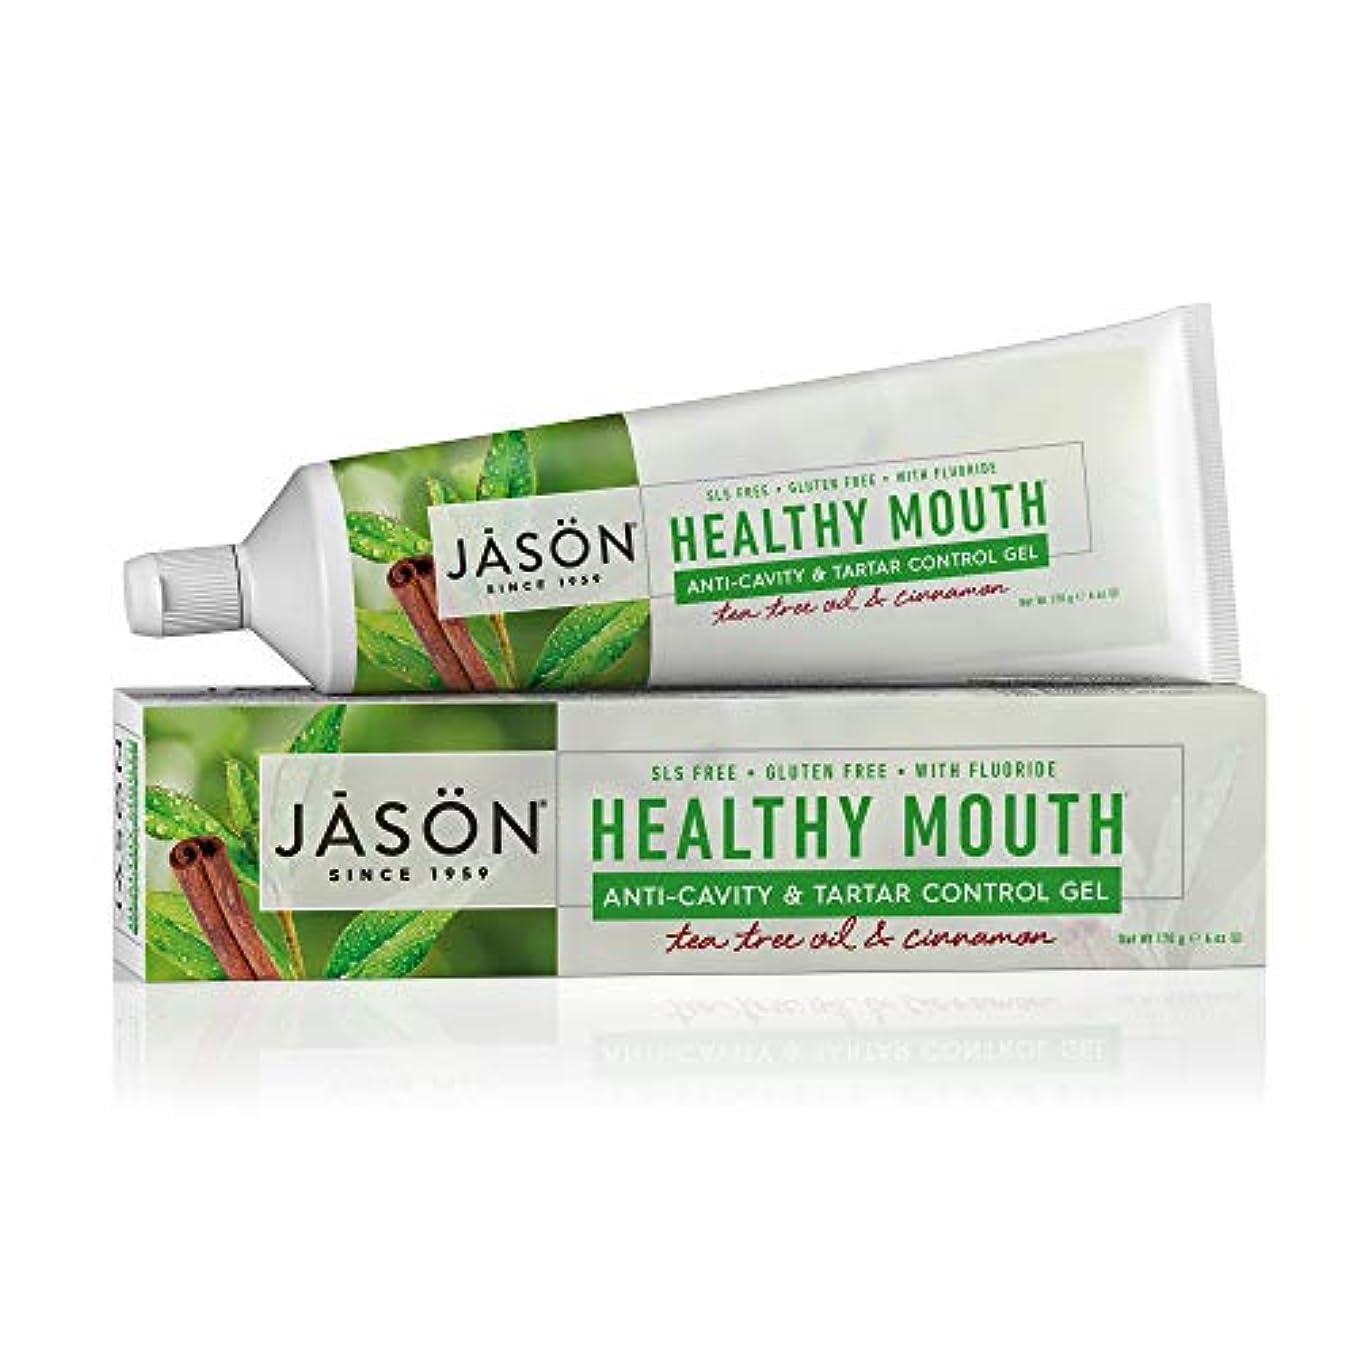 とは異なりアサートマラウイJason 健康な口抗歯垢&タルタルコントロールハミガキティーツリーオイル&シナモン、6オンス